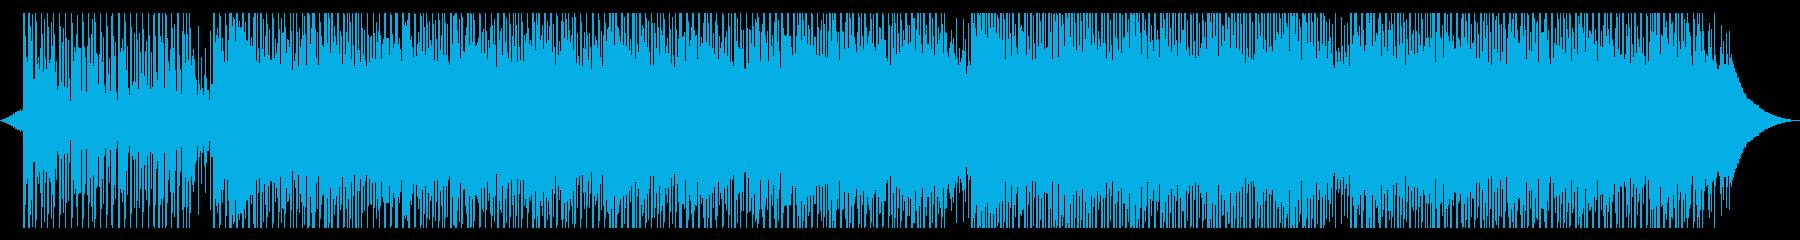 仕事の決意の再生済みの波形